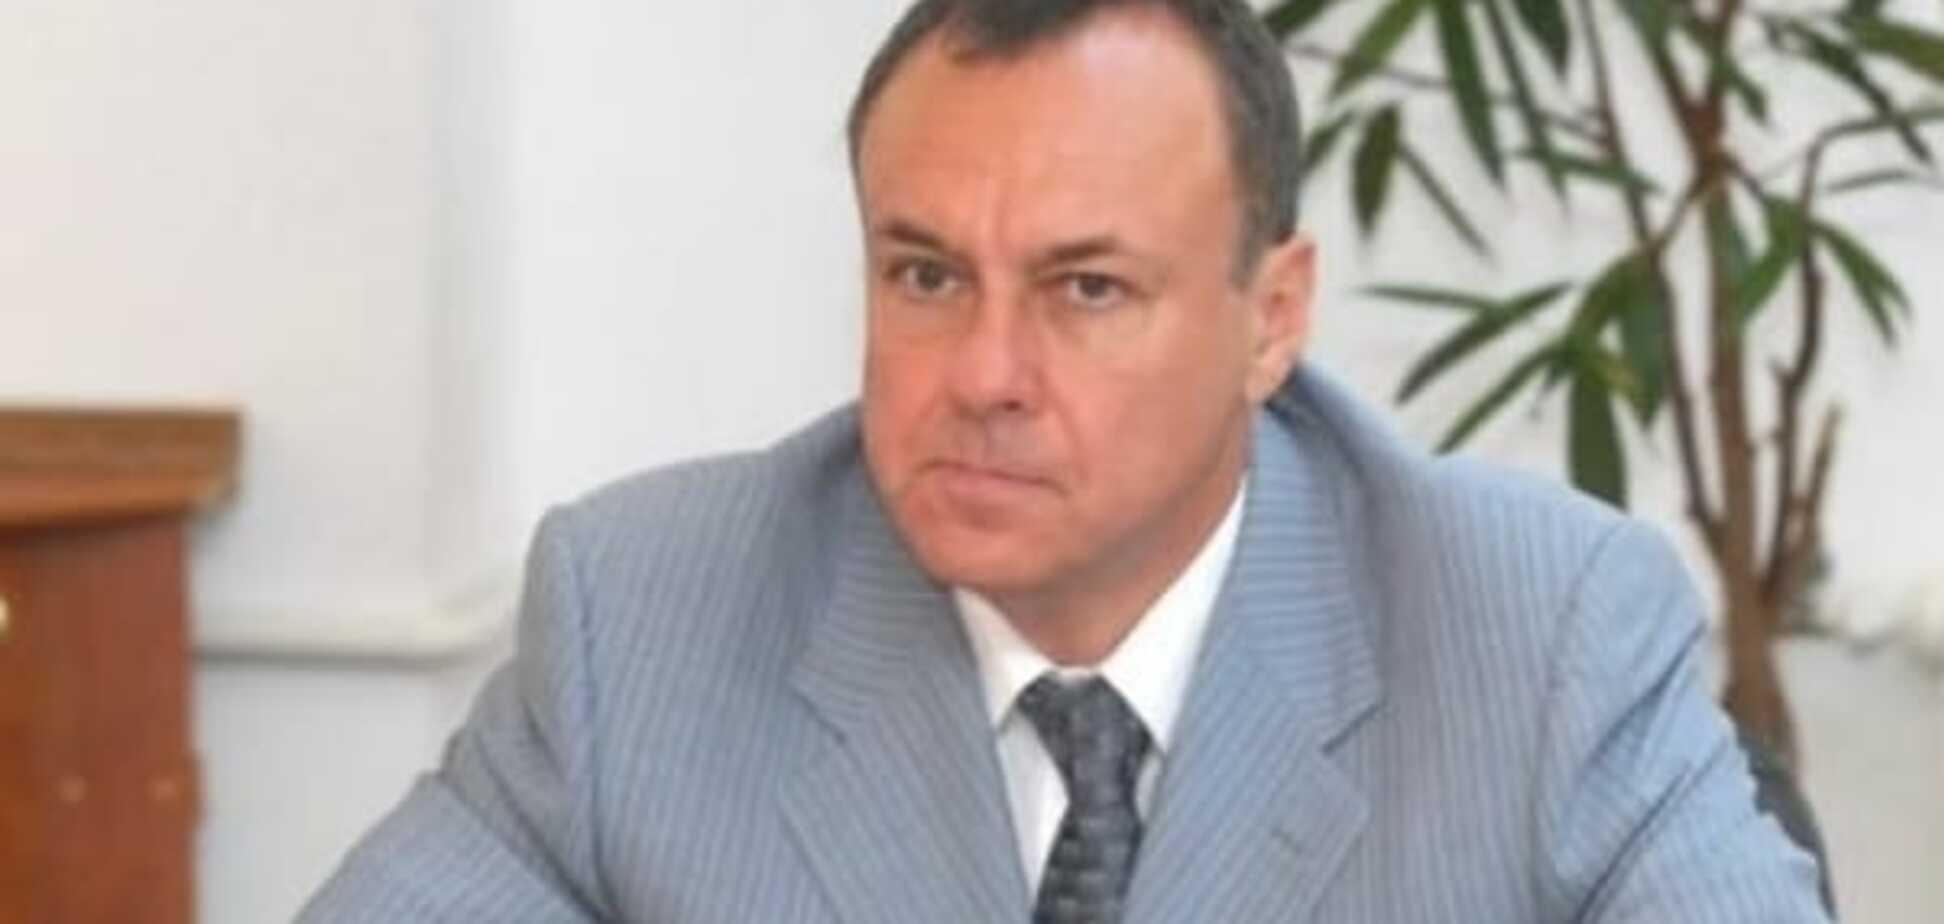 Судьба регионалов: Геращенко рассказал, как связаны самоубийства Чечетова и Сотуленко